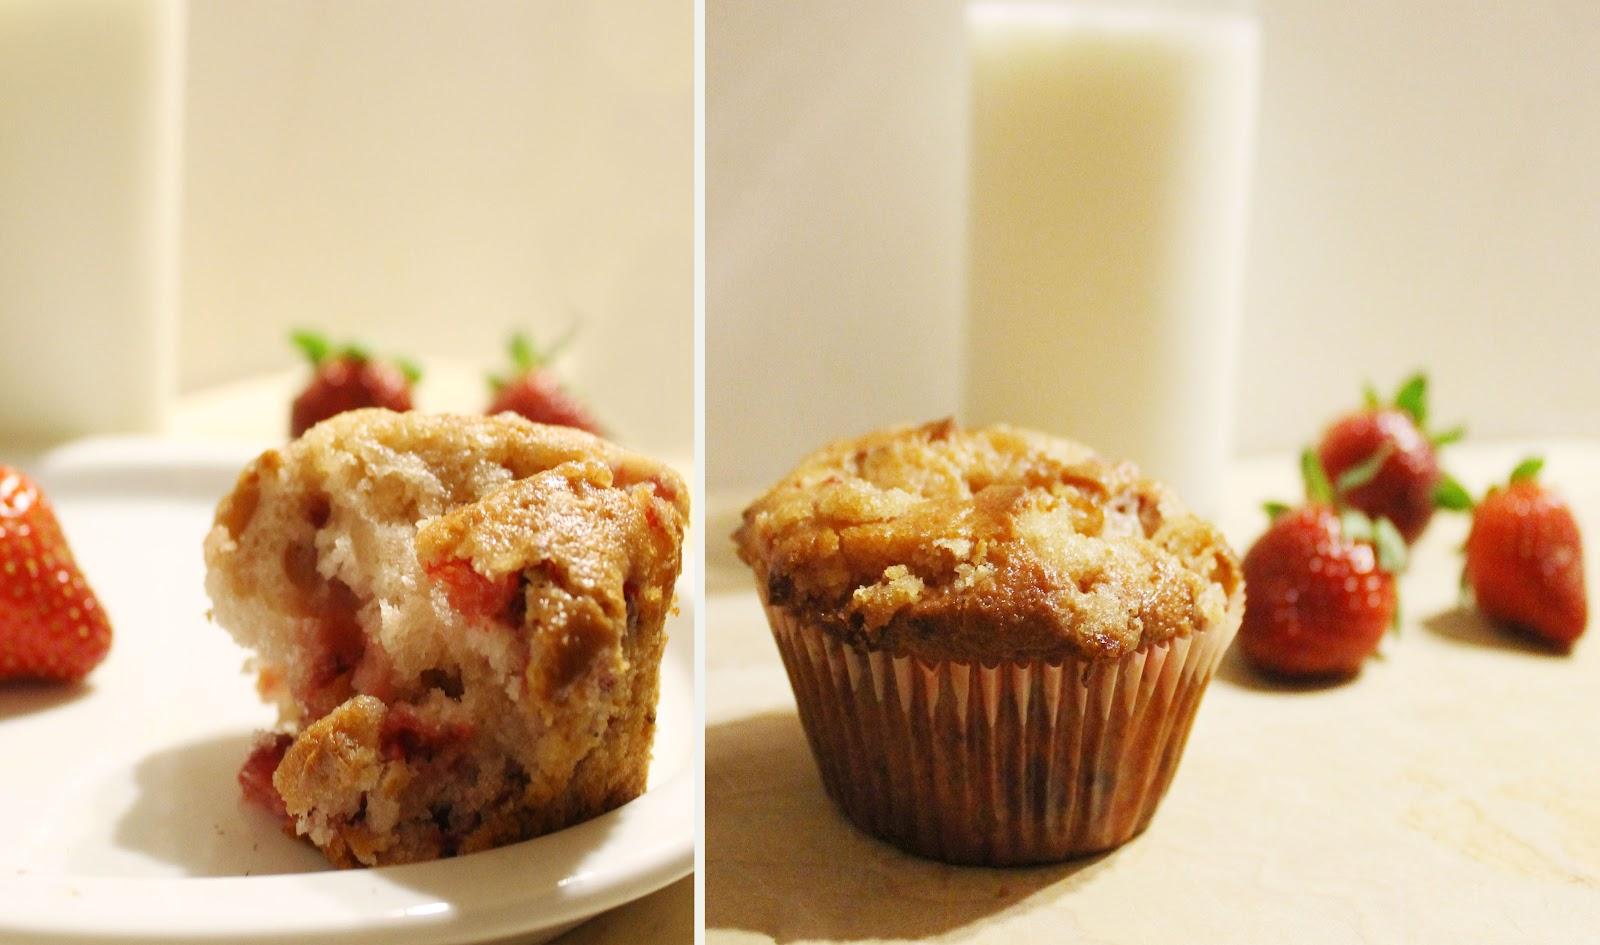 Muffin Strawberry White Chocolate Strawberry And White Chocolate